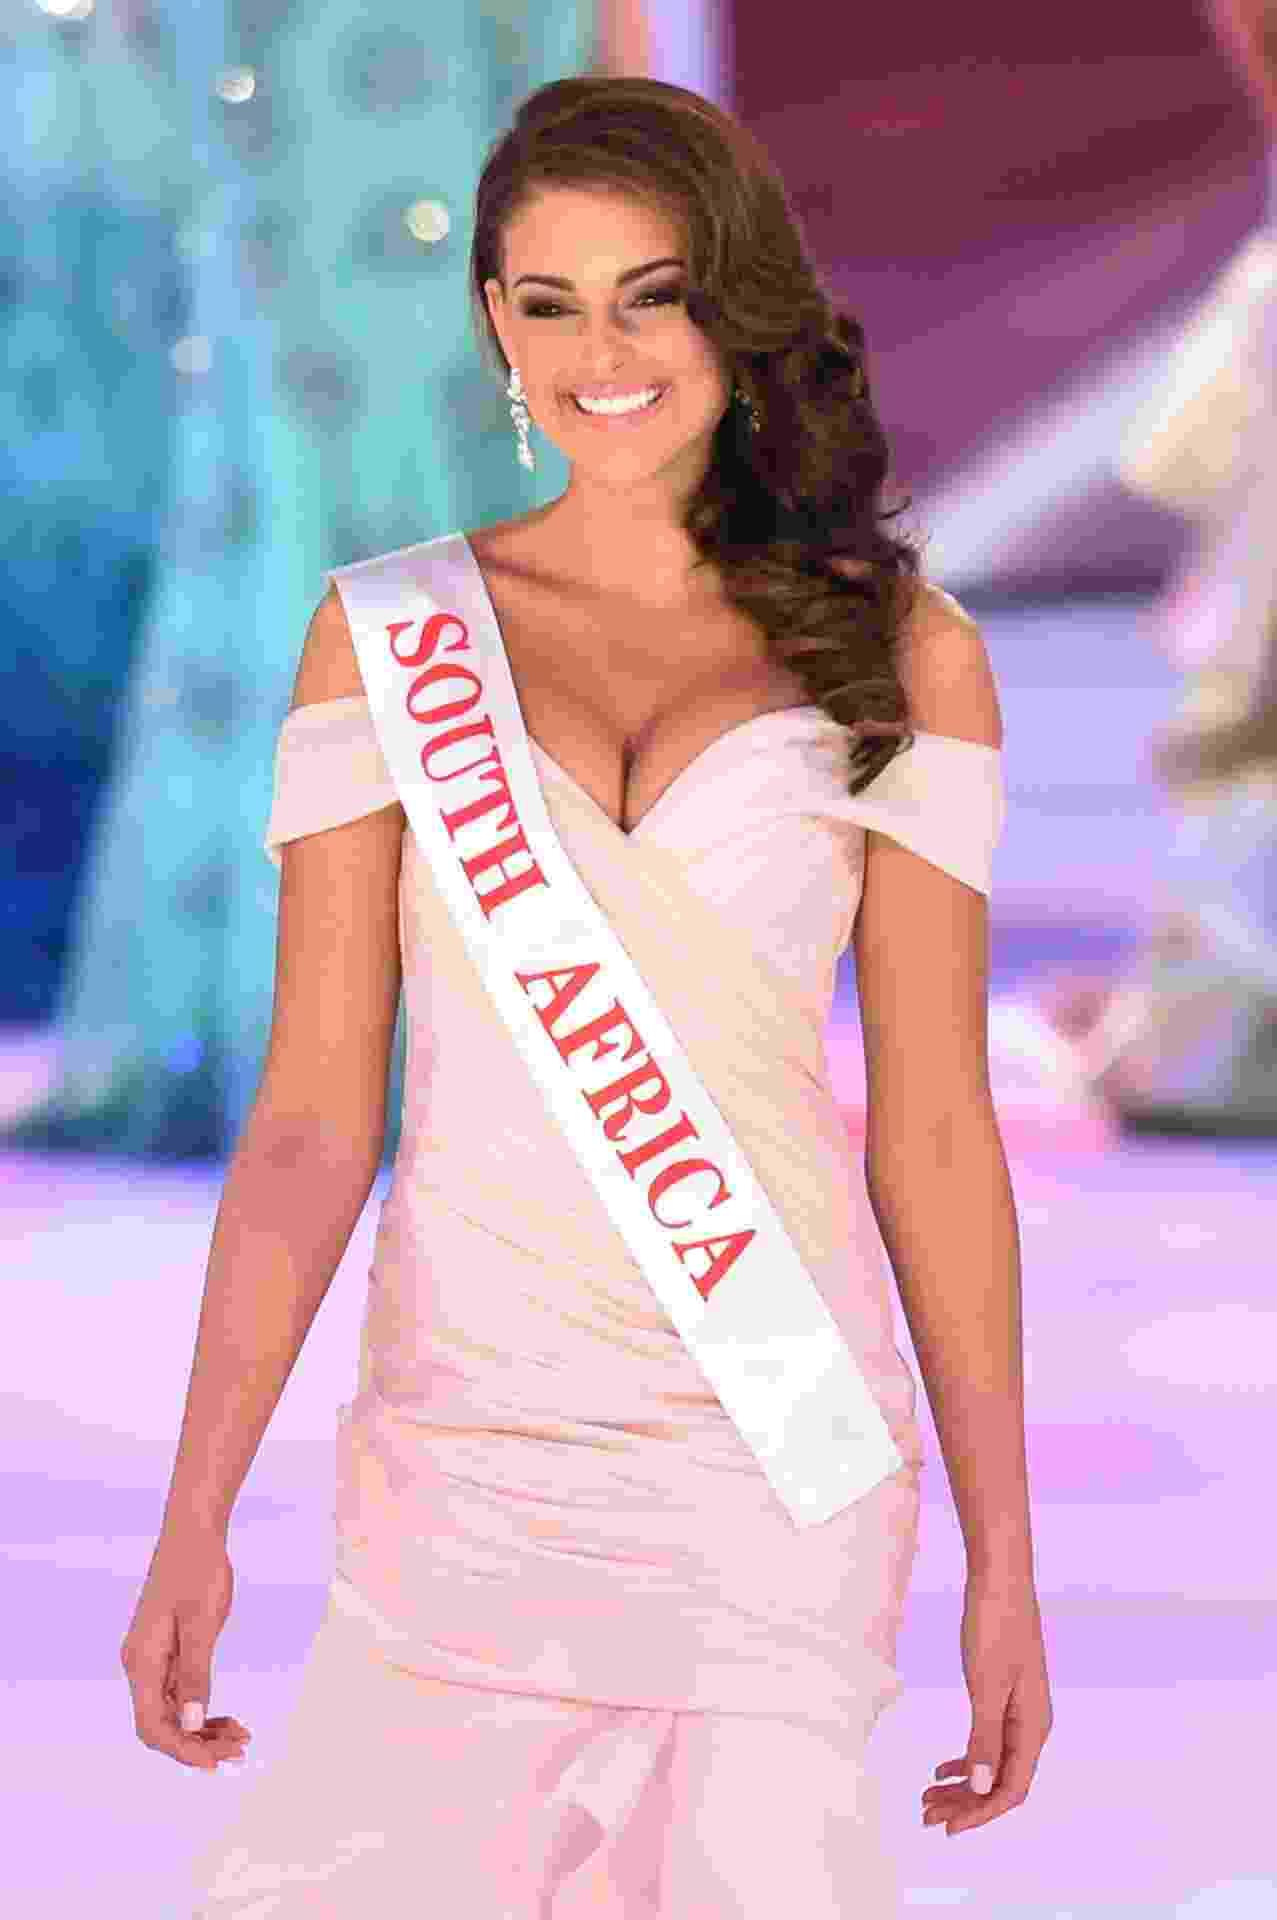 14.dez.2014 - A Miss África do Sul Rolene Strauss, uma das favoritas para ganhar o Miss Mundo 2014, desfila durante o evento, em Londres, Inglaterra. Ela foi a vencedora do concurso - Leon Neal/AFP